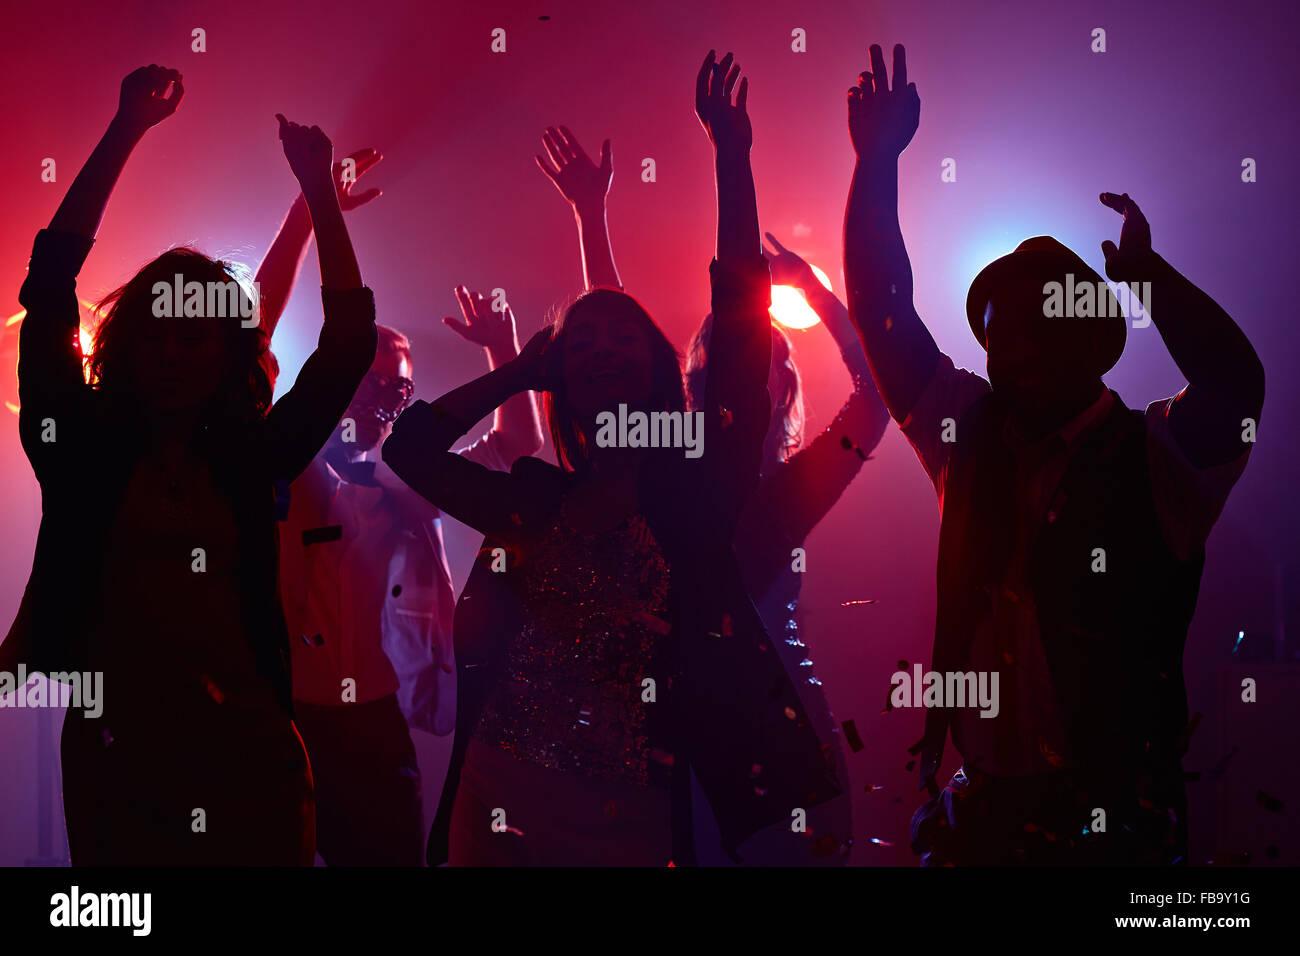 Giovani alzando le braccia nella danza Immagini Stock